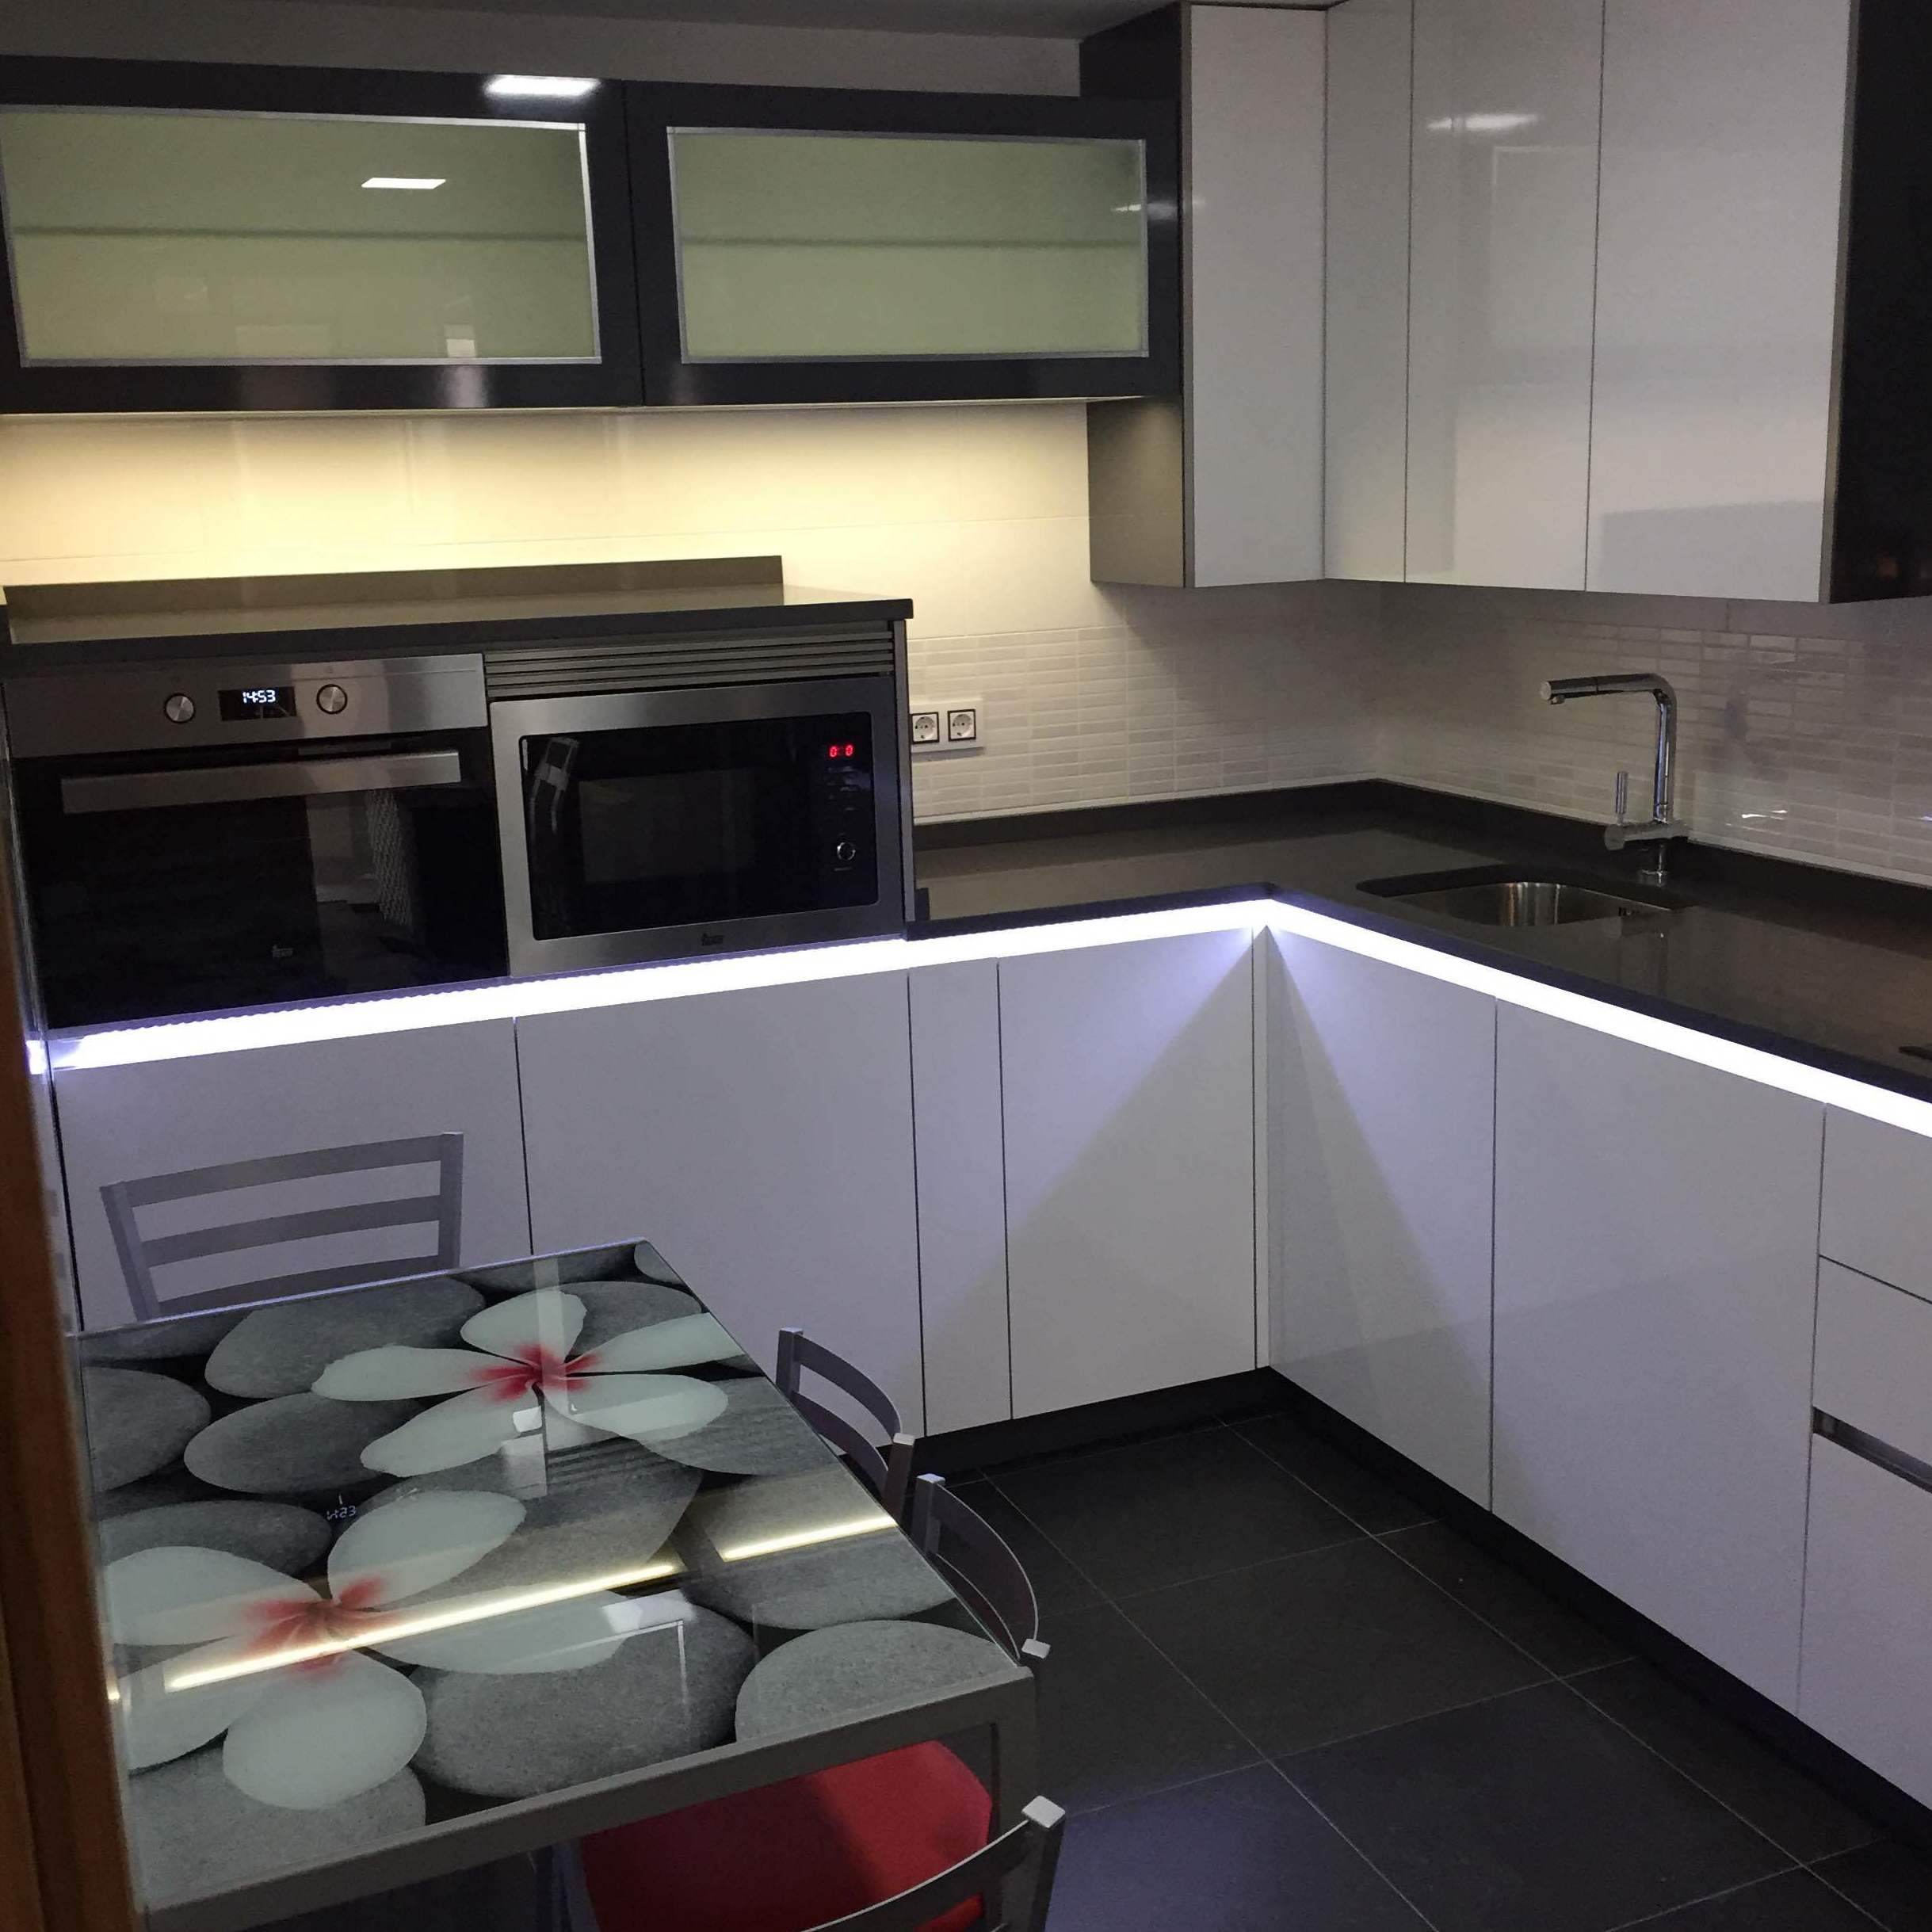 Muebles De Cocina En Alcala De Henares Idea Creativa Della Casa  # Muebles Paco Alcala De Henares